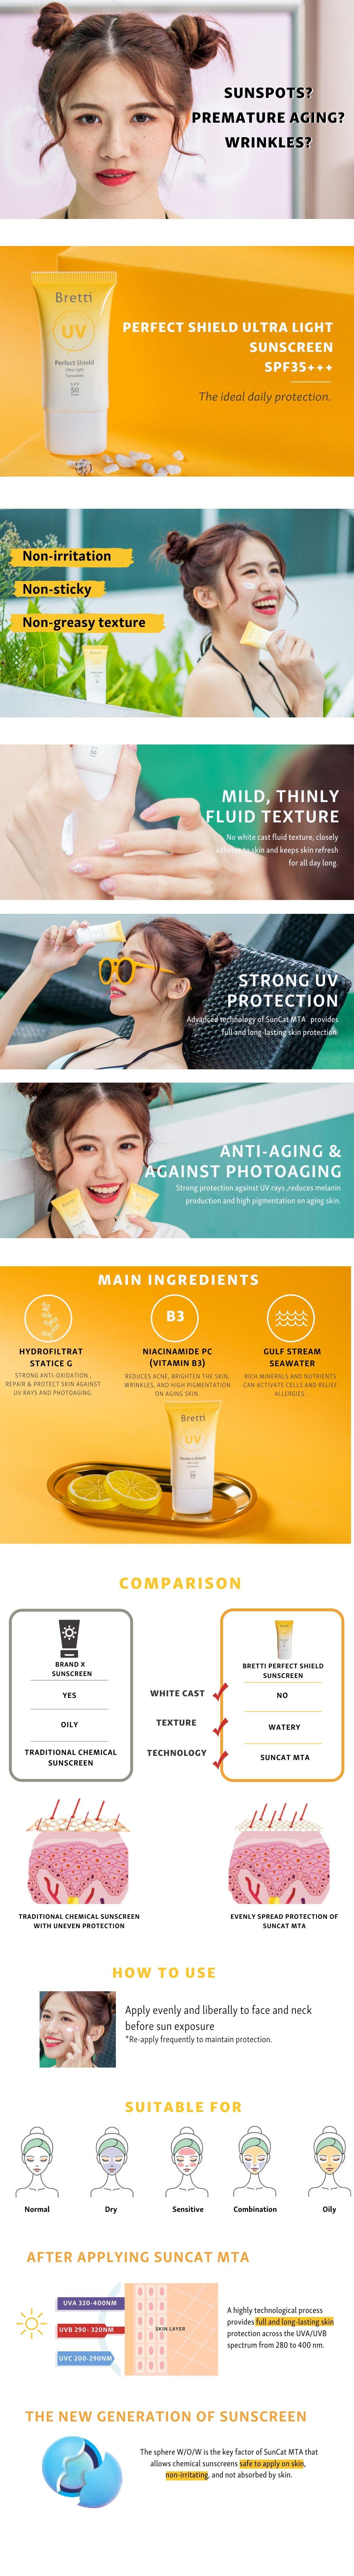 sunscreen-page.jpg